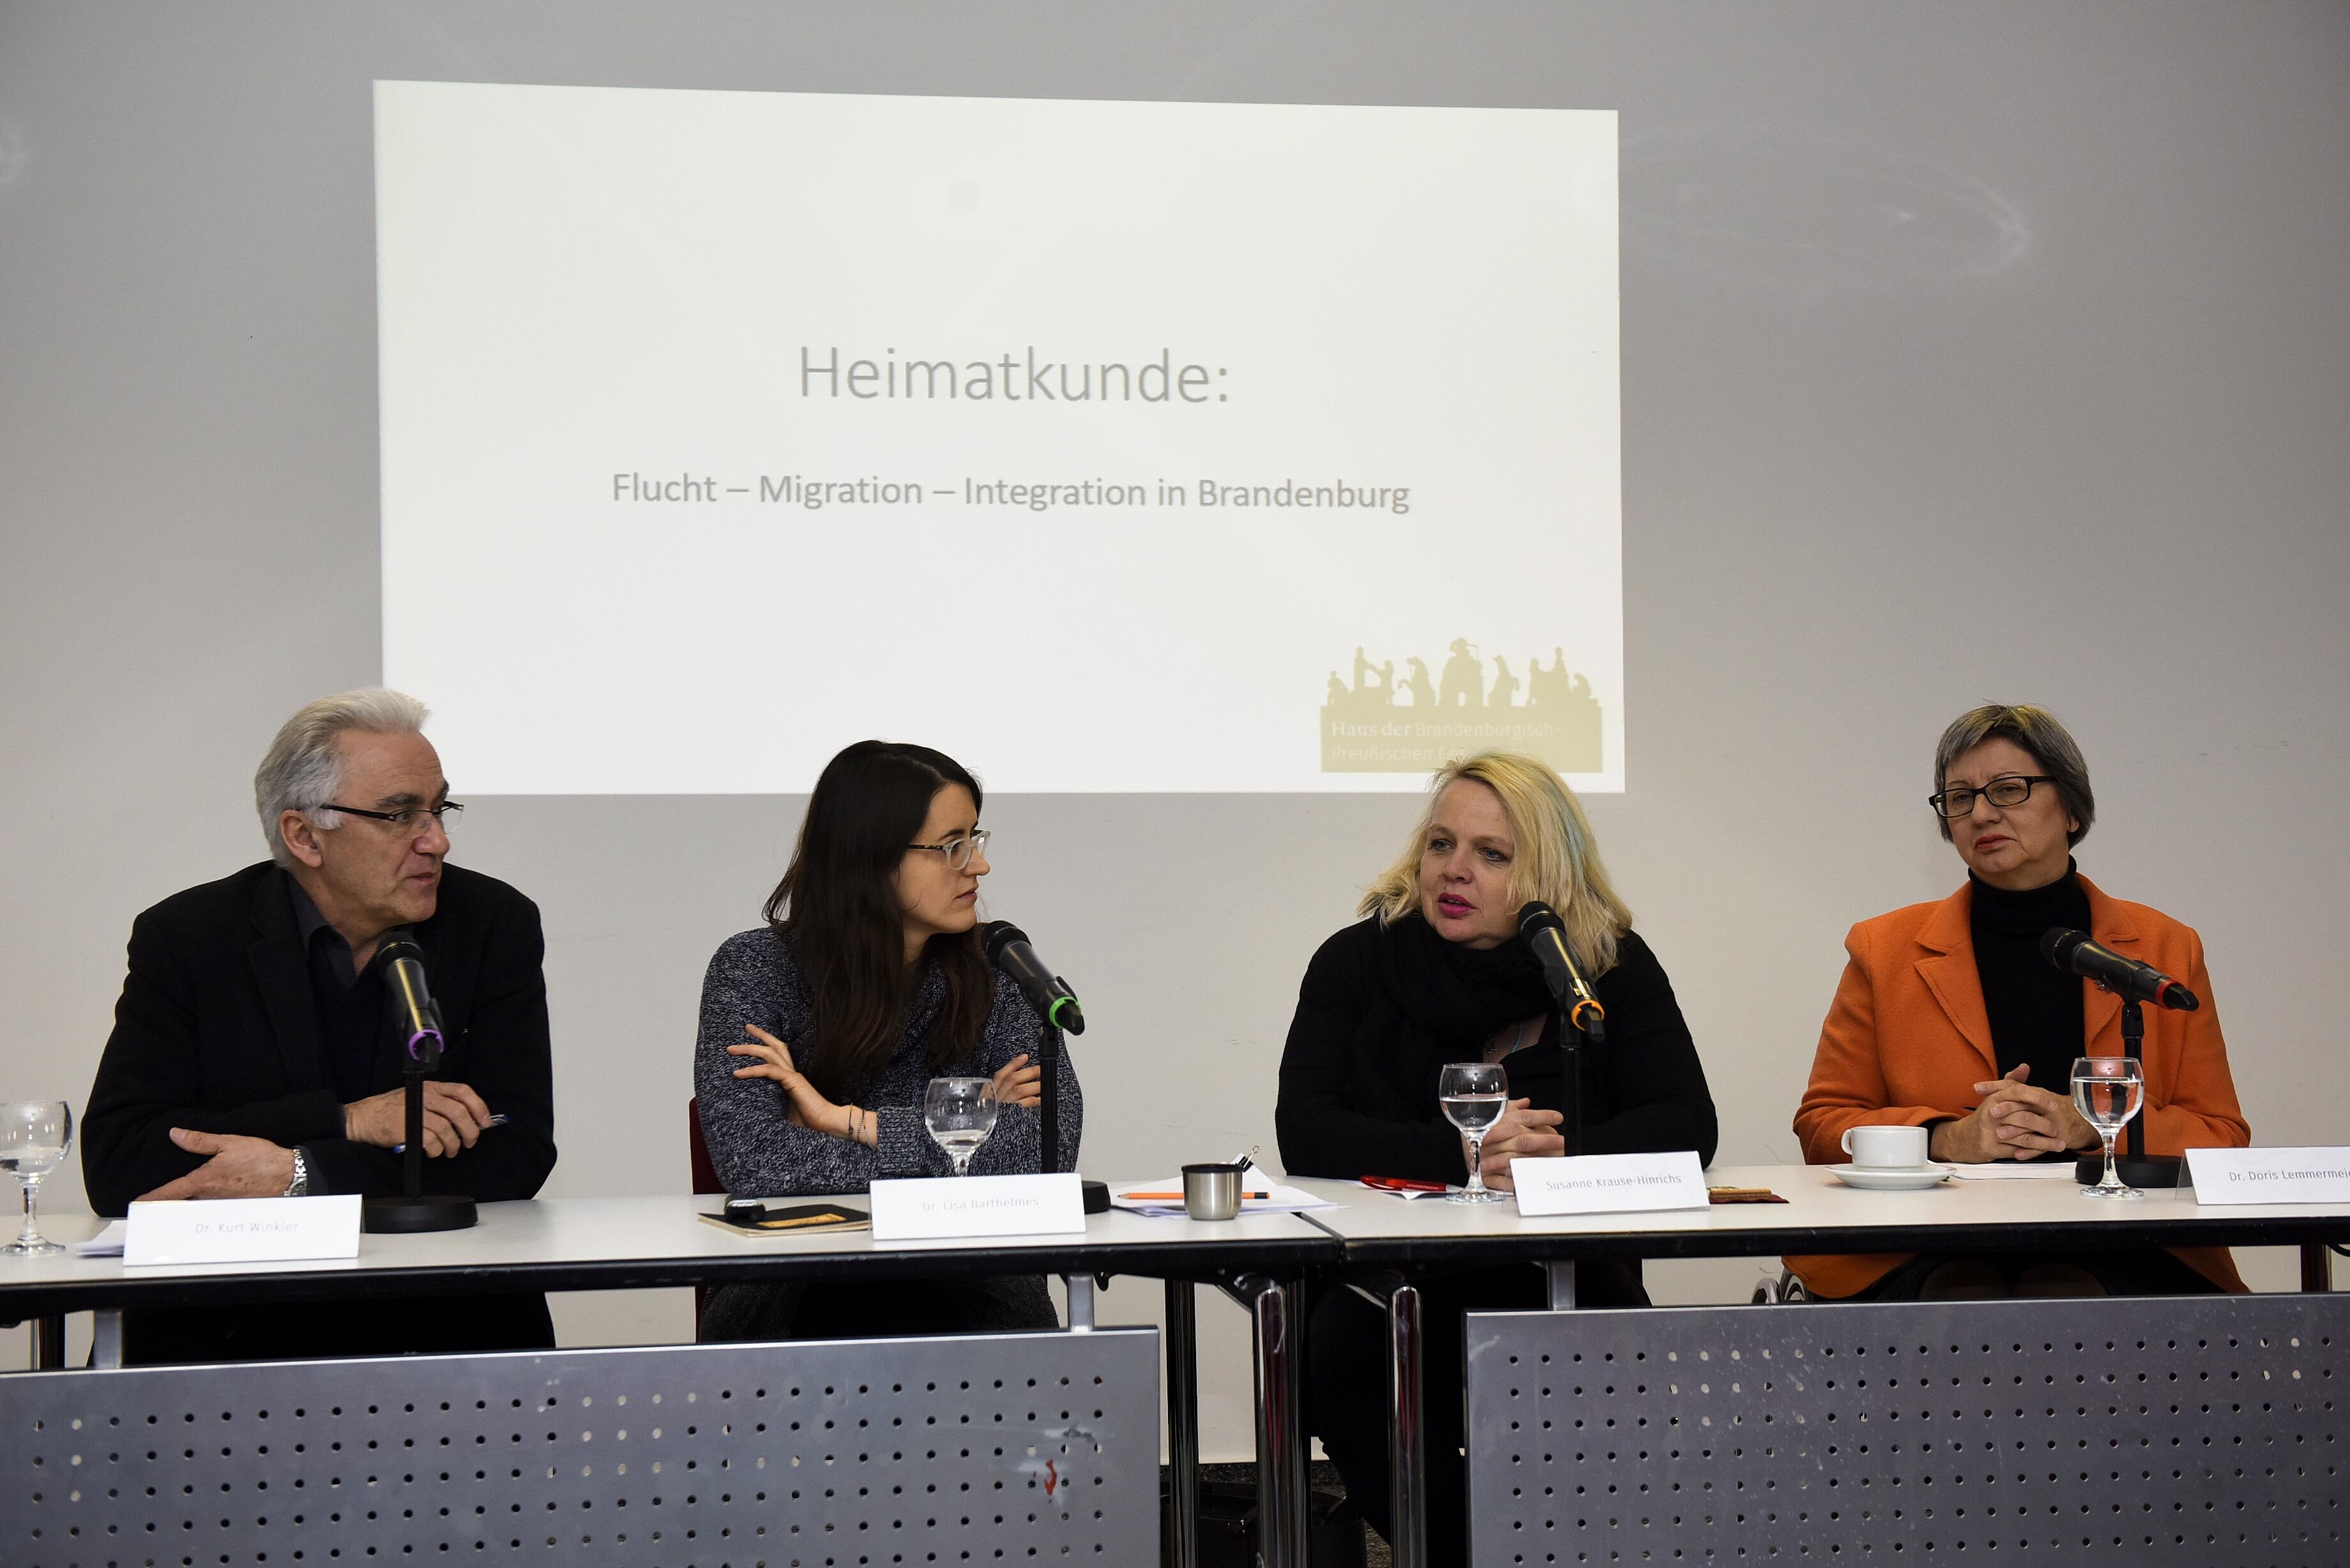 Pressekonferenz zur digitalen Ausstellung Heimatkunde: Flucht – Migration – Integration in Brandenburg